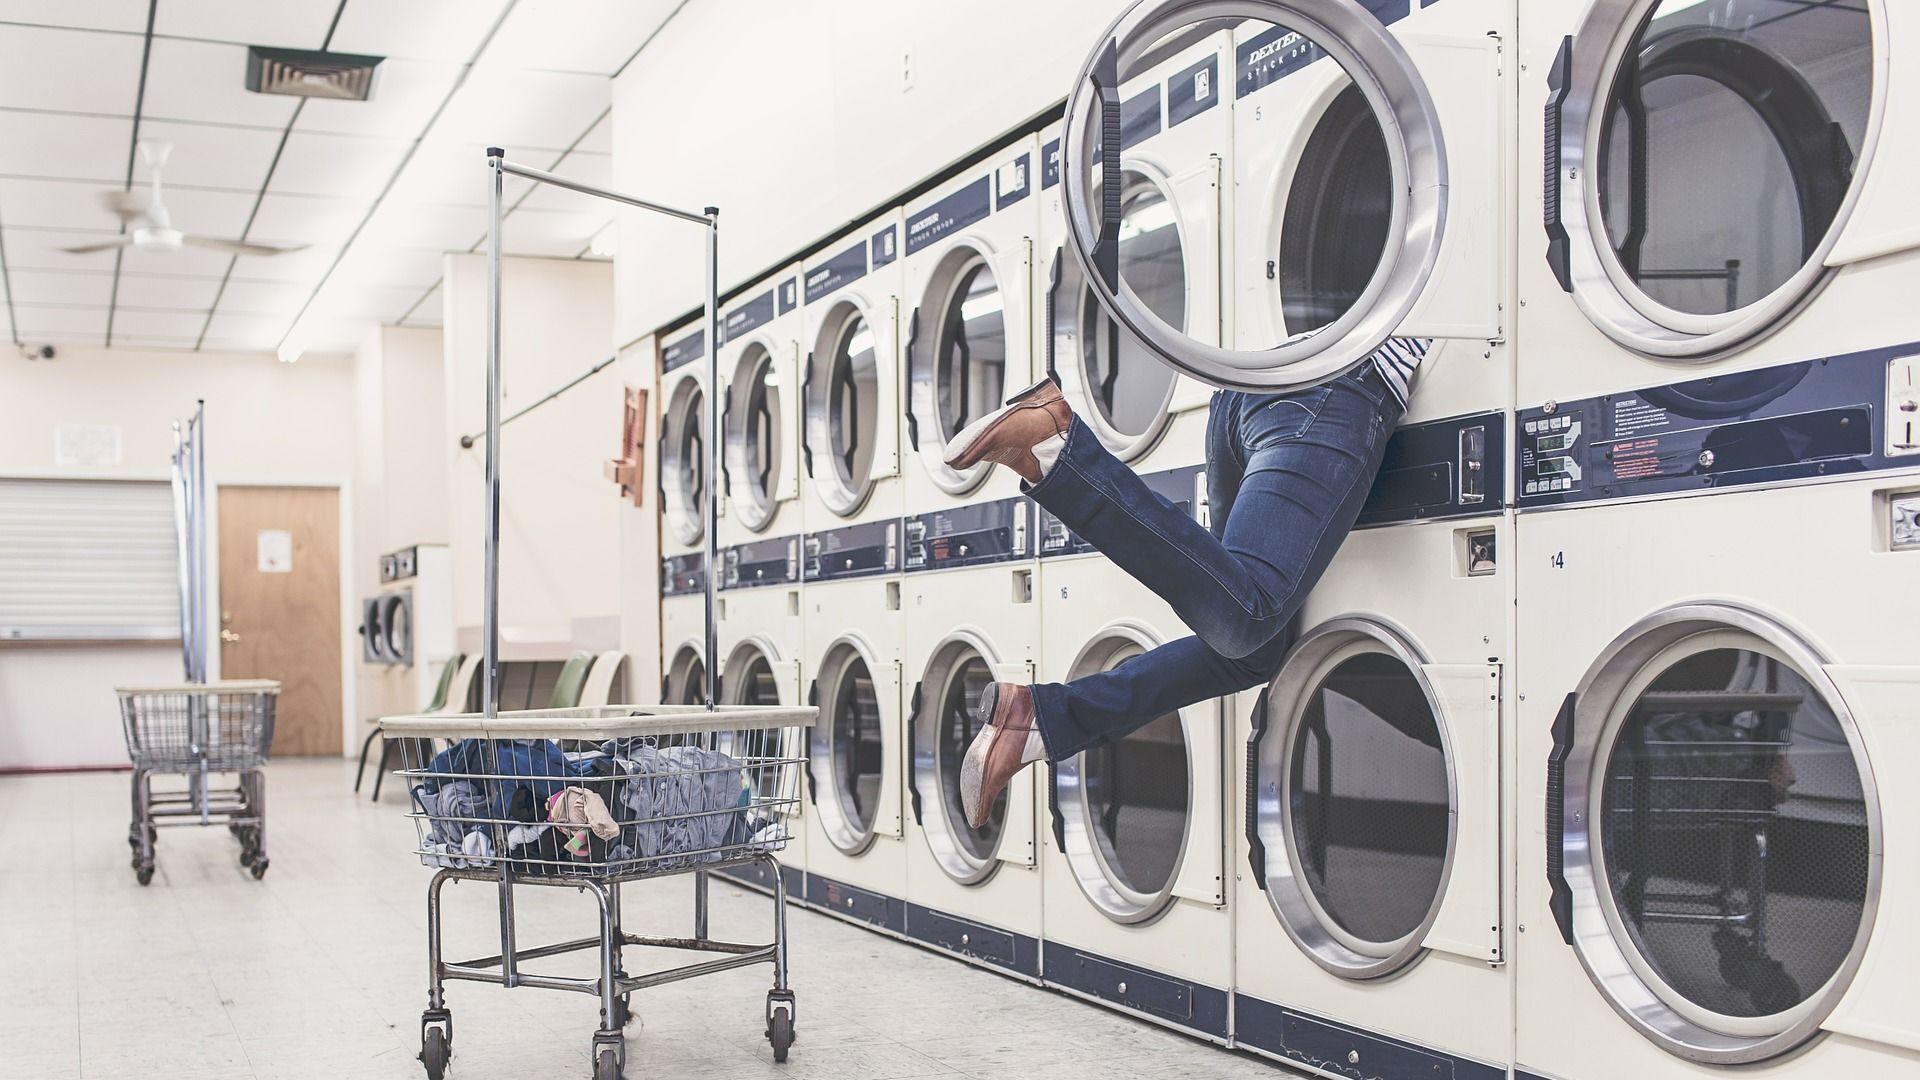 Dívka při praní v prádelně - Sputnik Česká republika, 1920, 01.04.2021